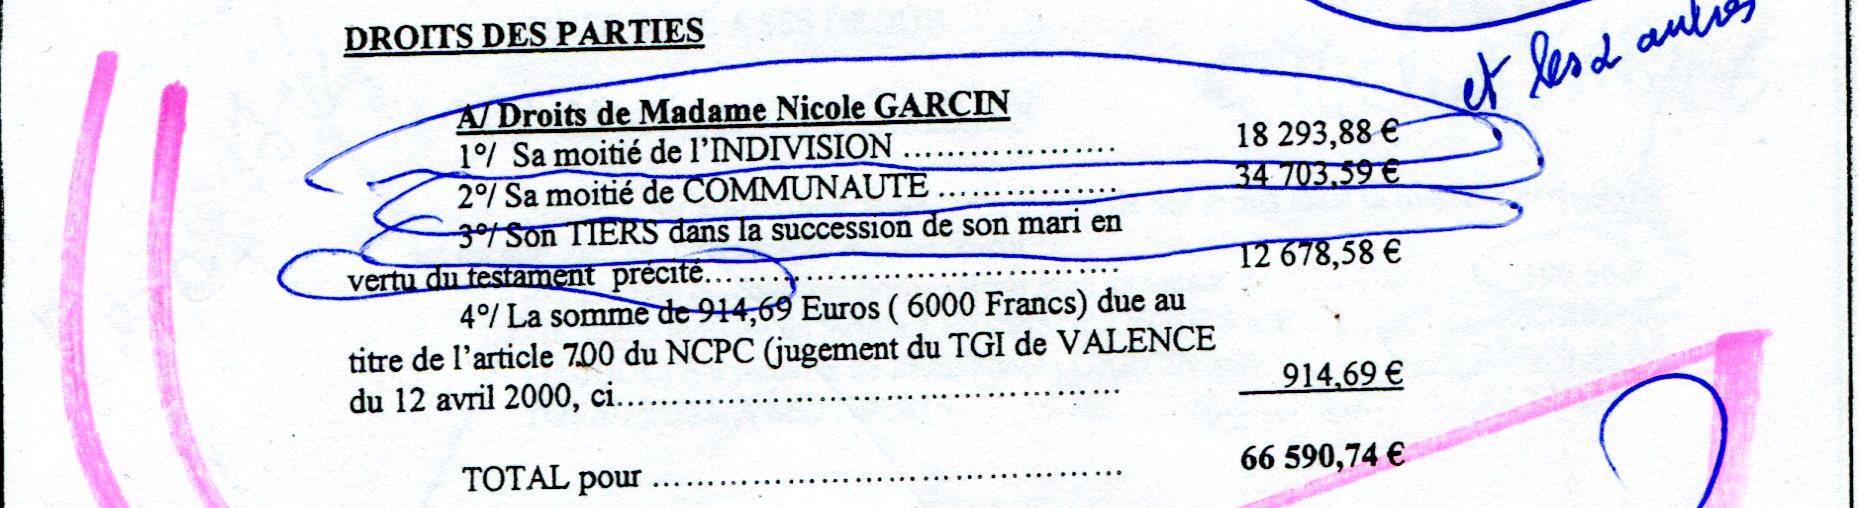 Page 40 du partage curieux de 78 pages